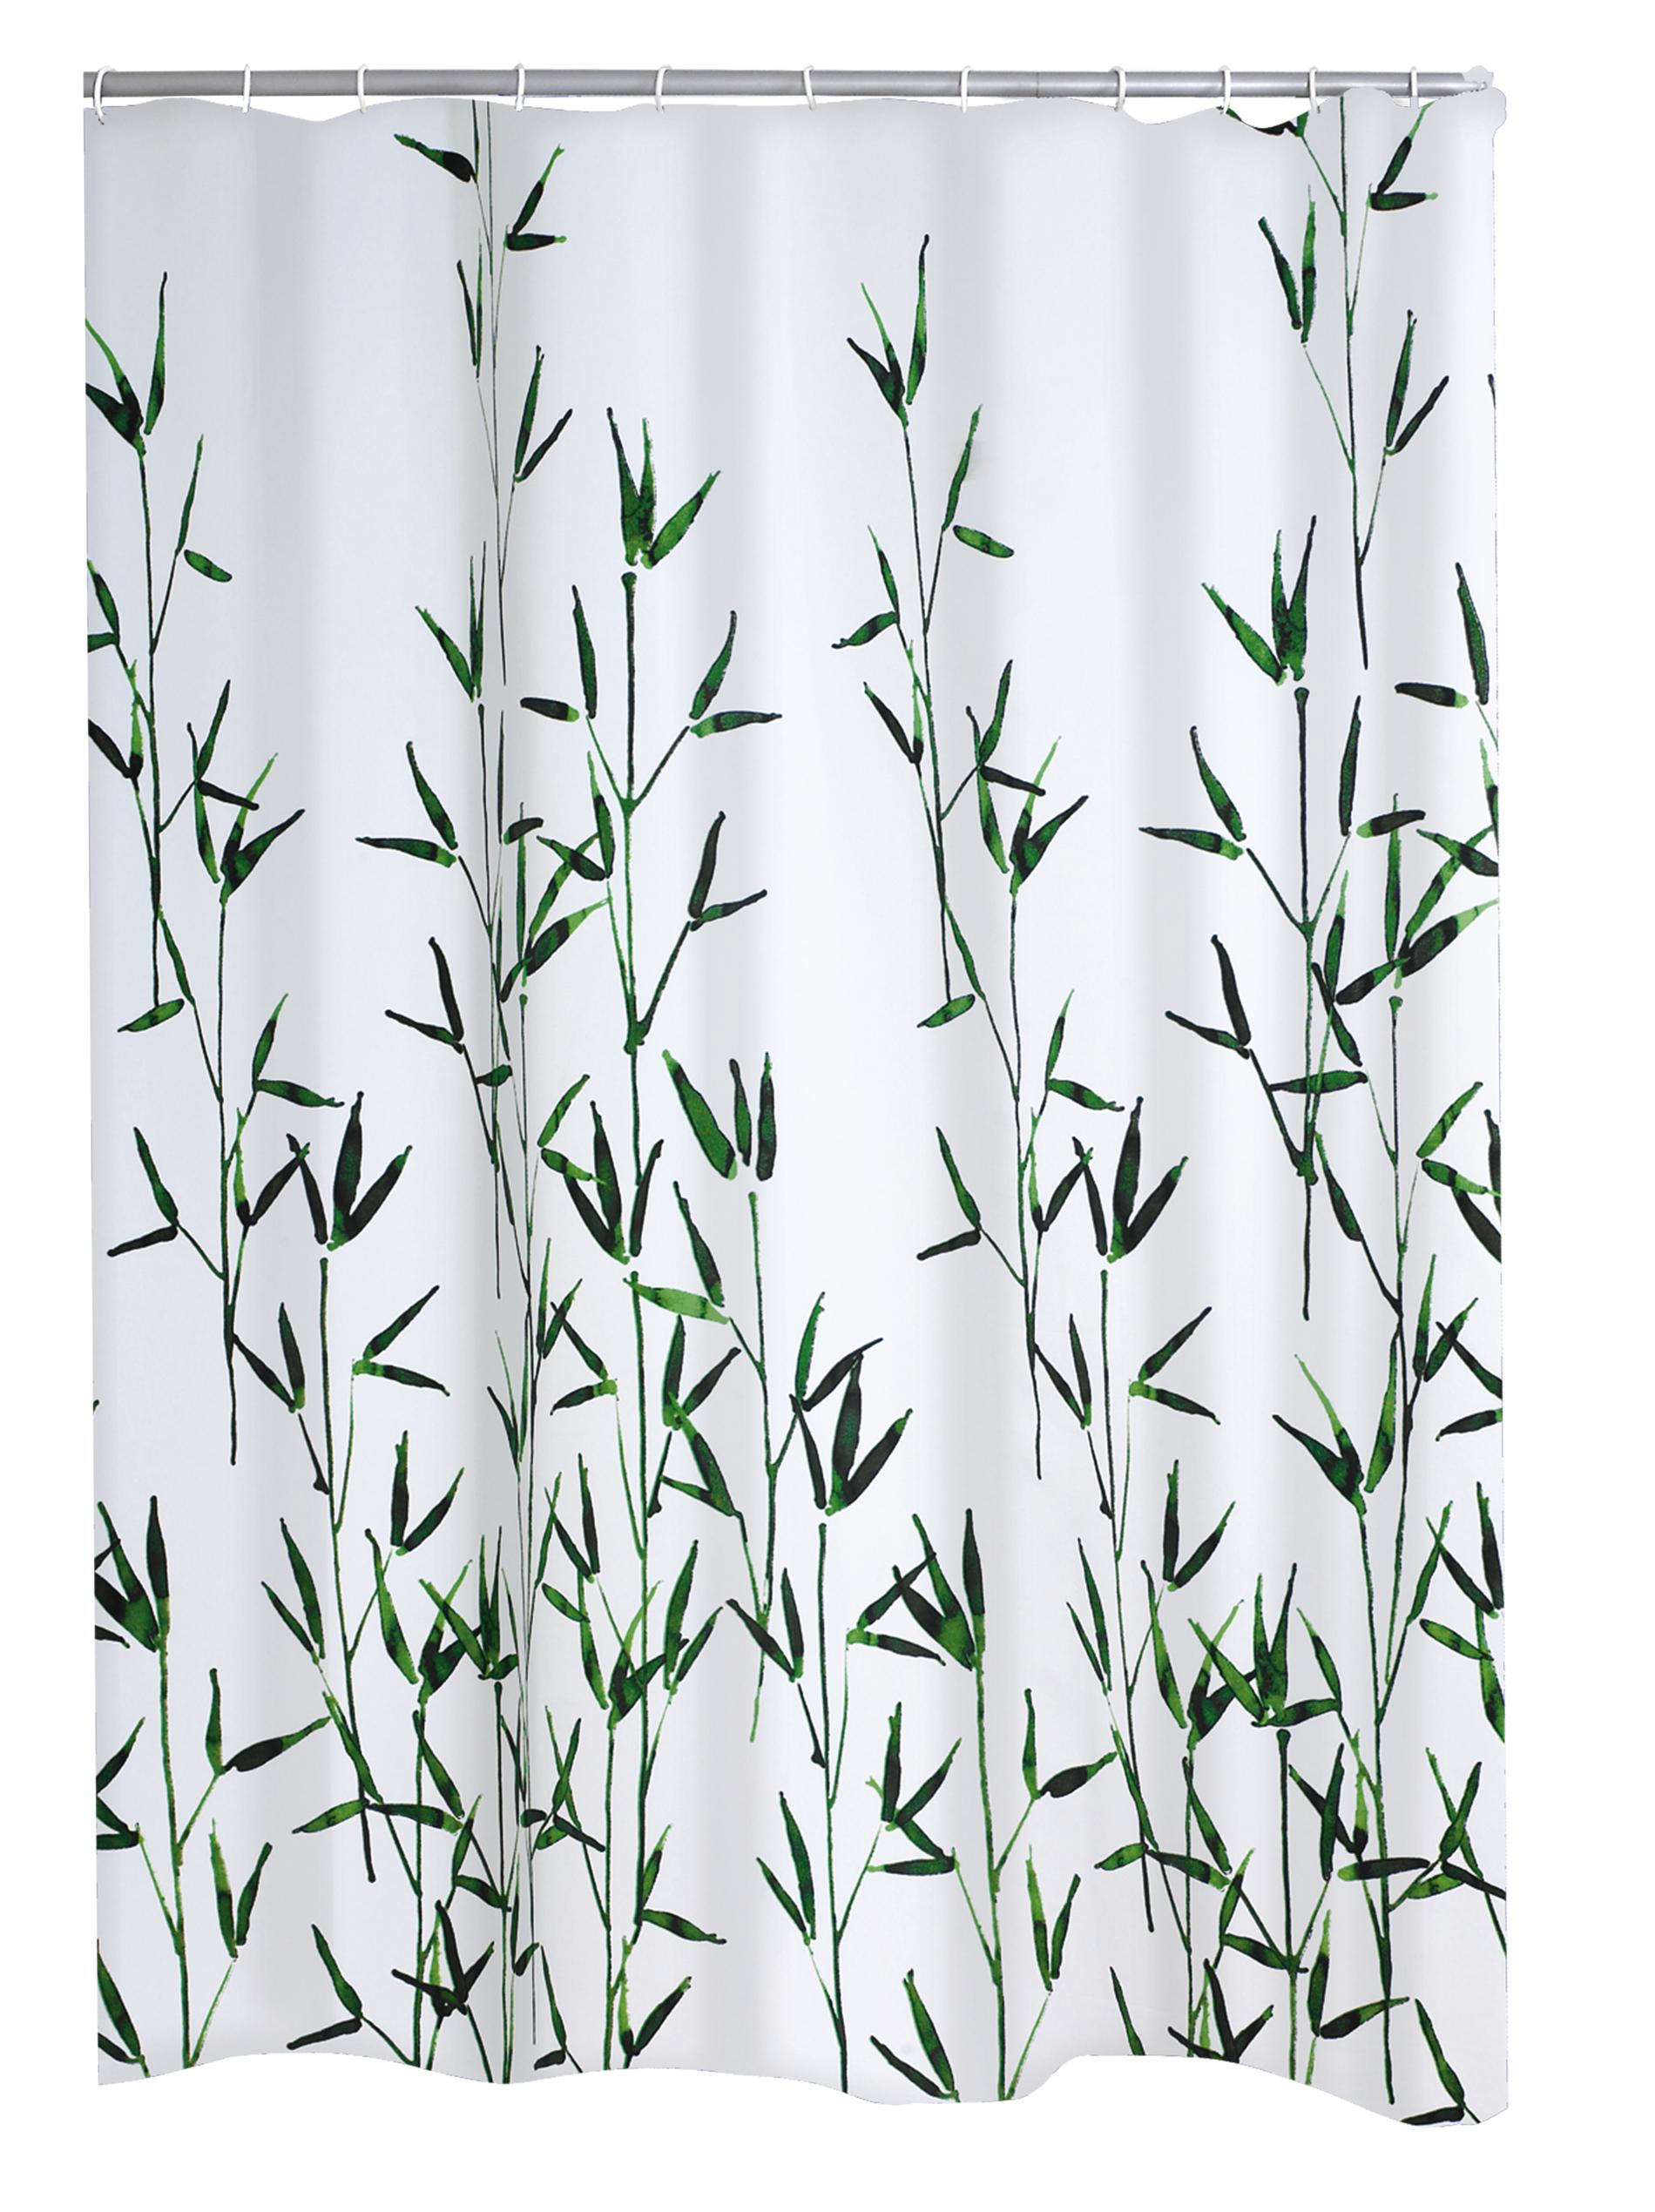 Ridder Duschvorhang Textil Bambus 180x200 Cm Grun Textilvorhang